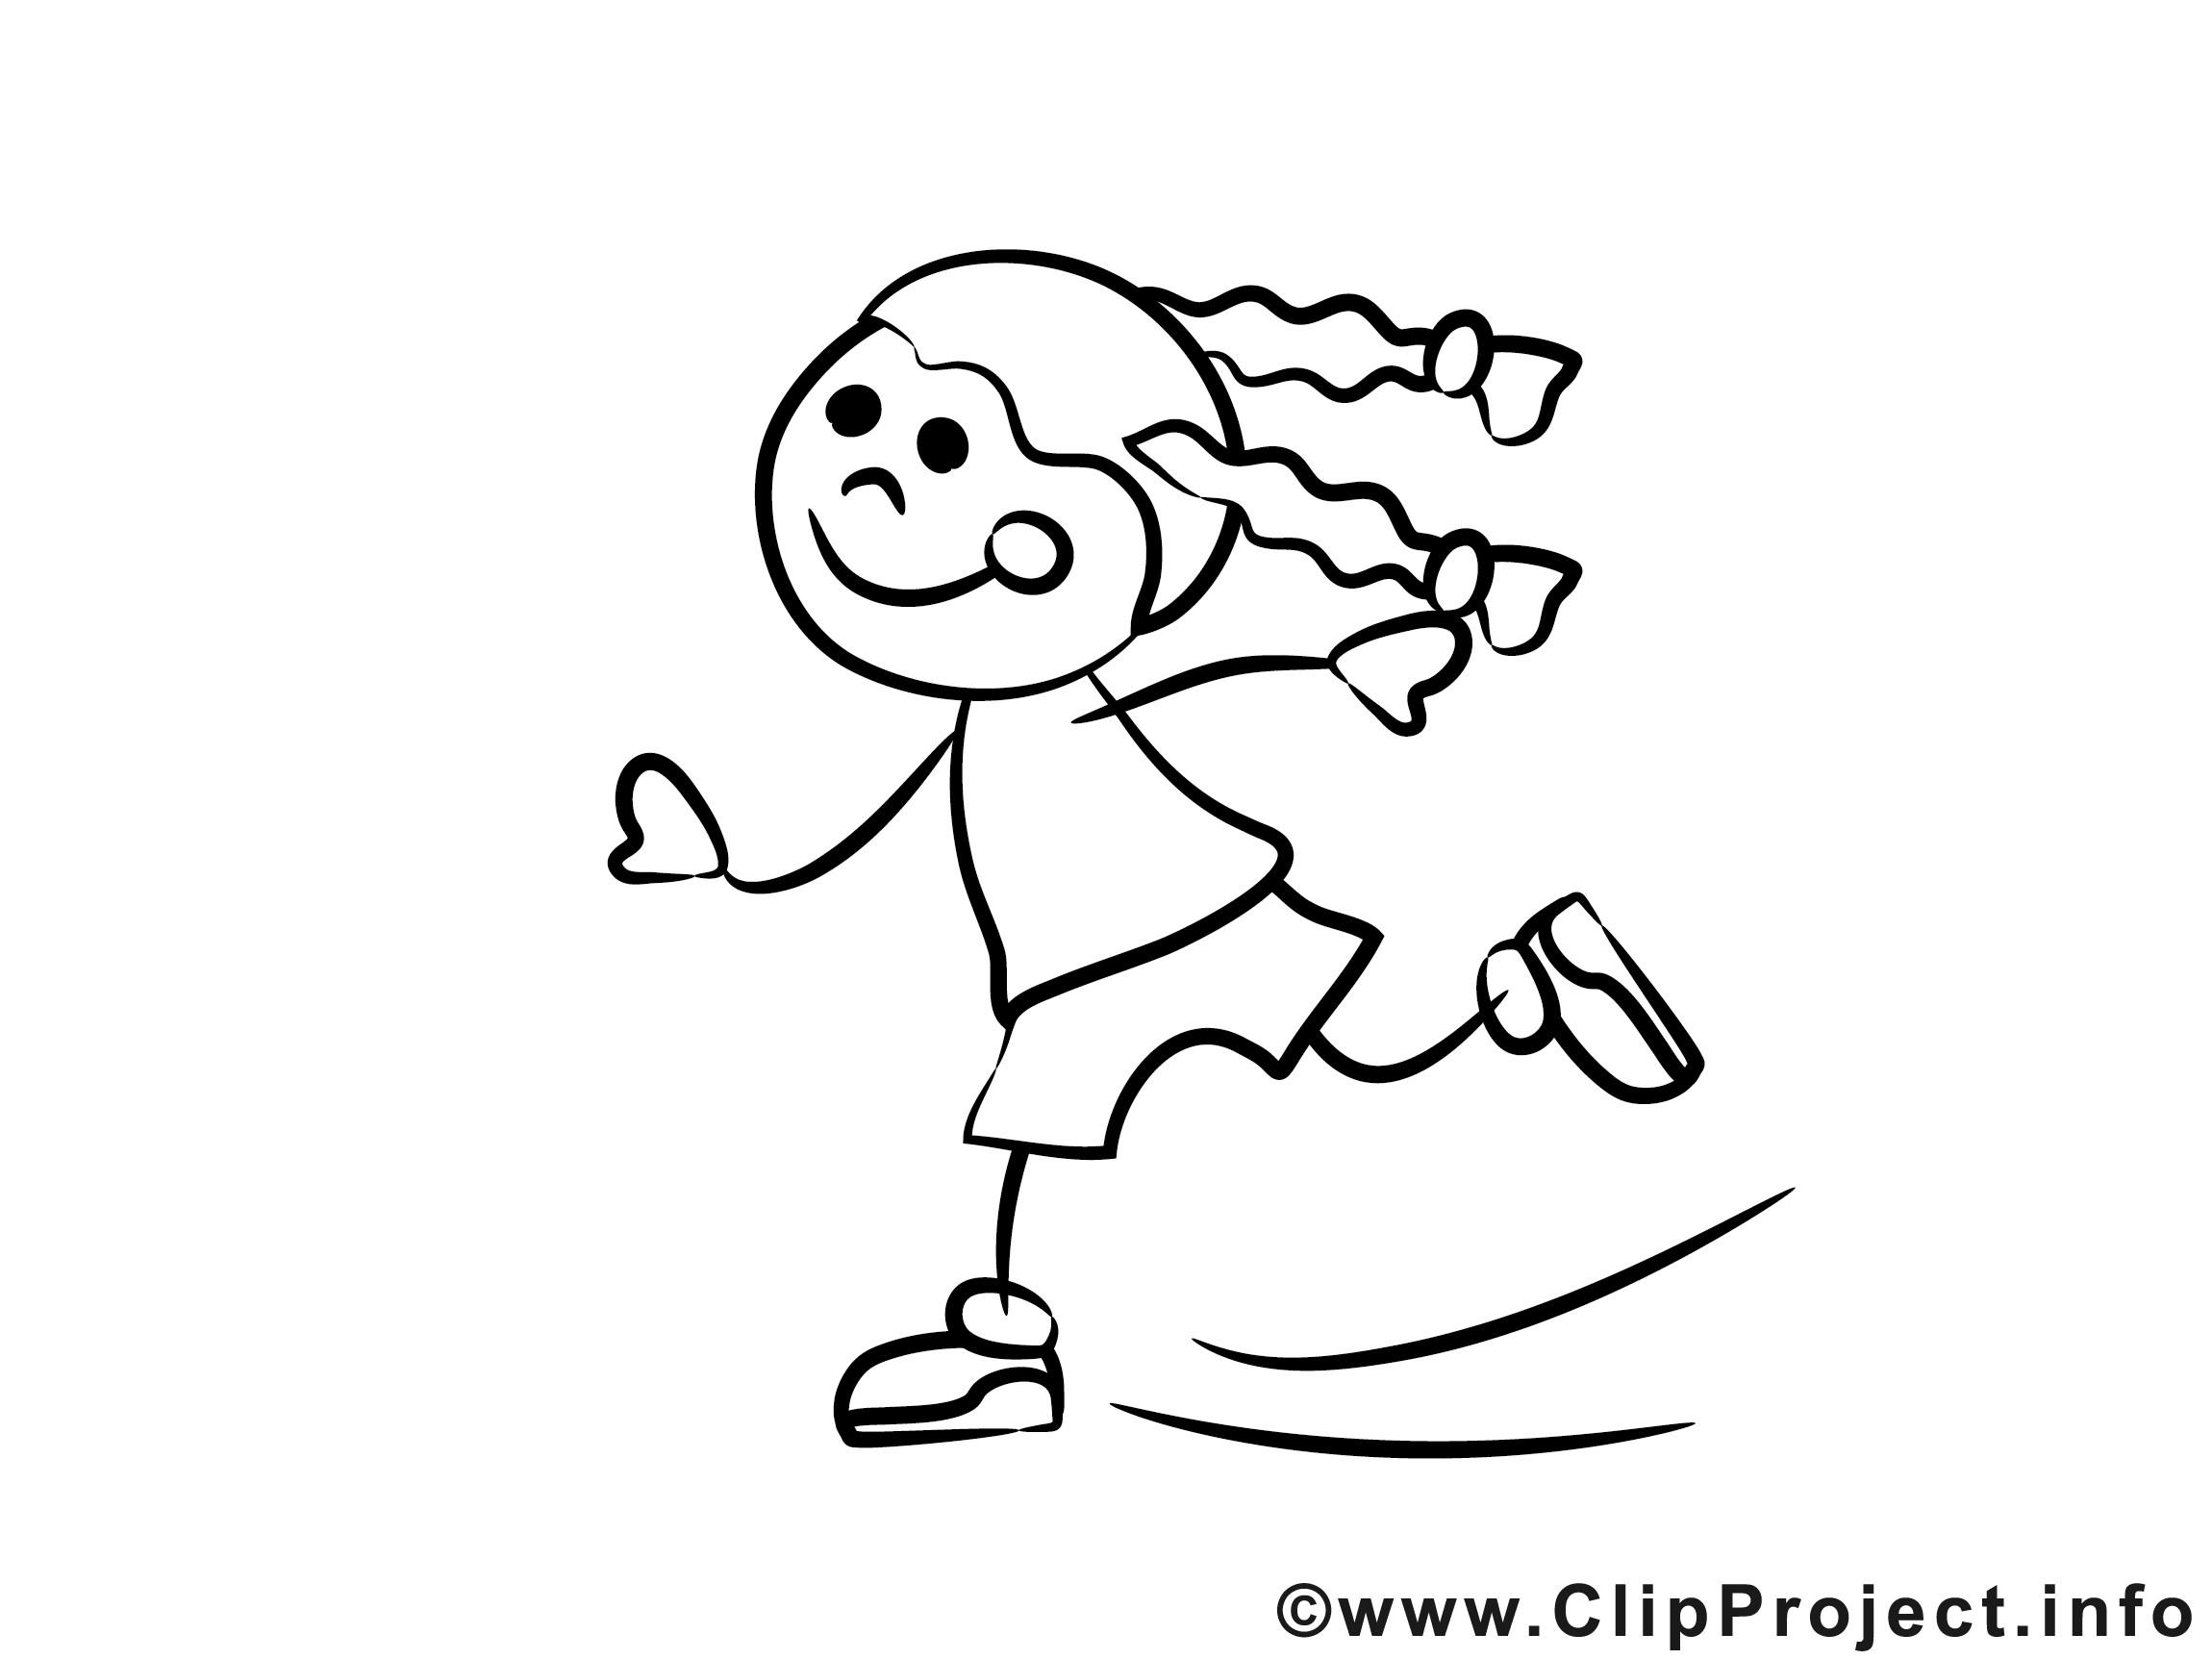 Ausmalbilder Mädchen  Mädchen läuft auf Schlittschuhen Ausmalbilder für Kinder